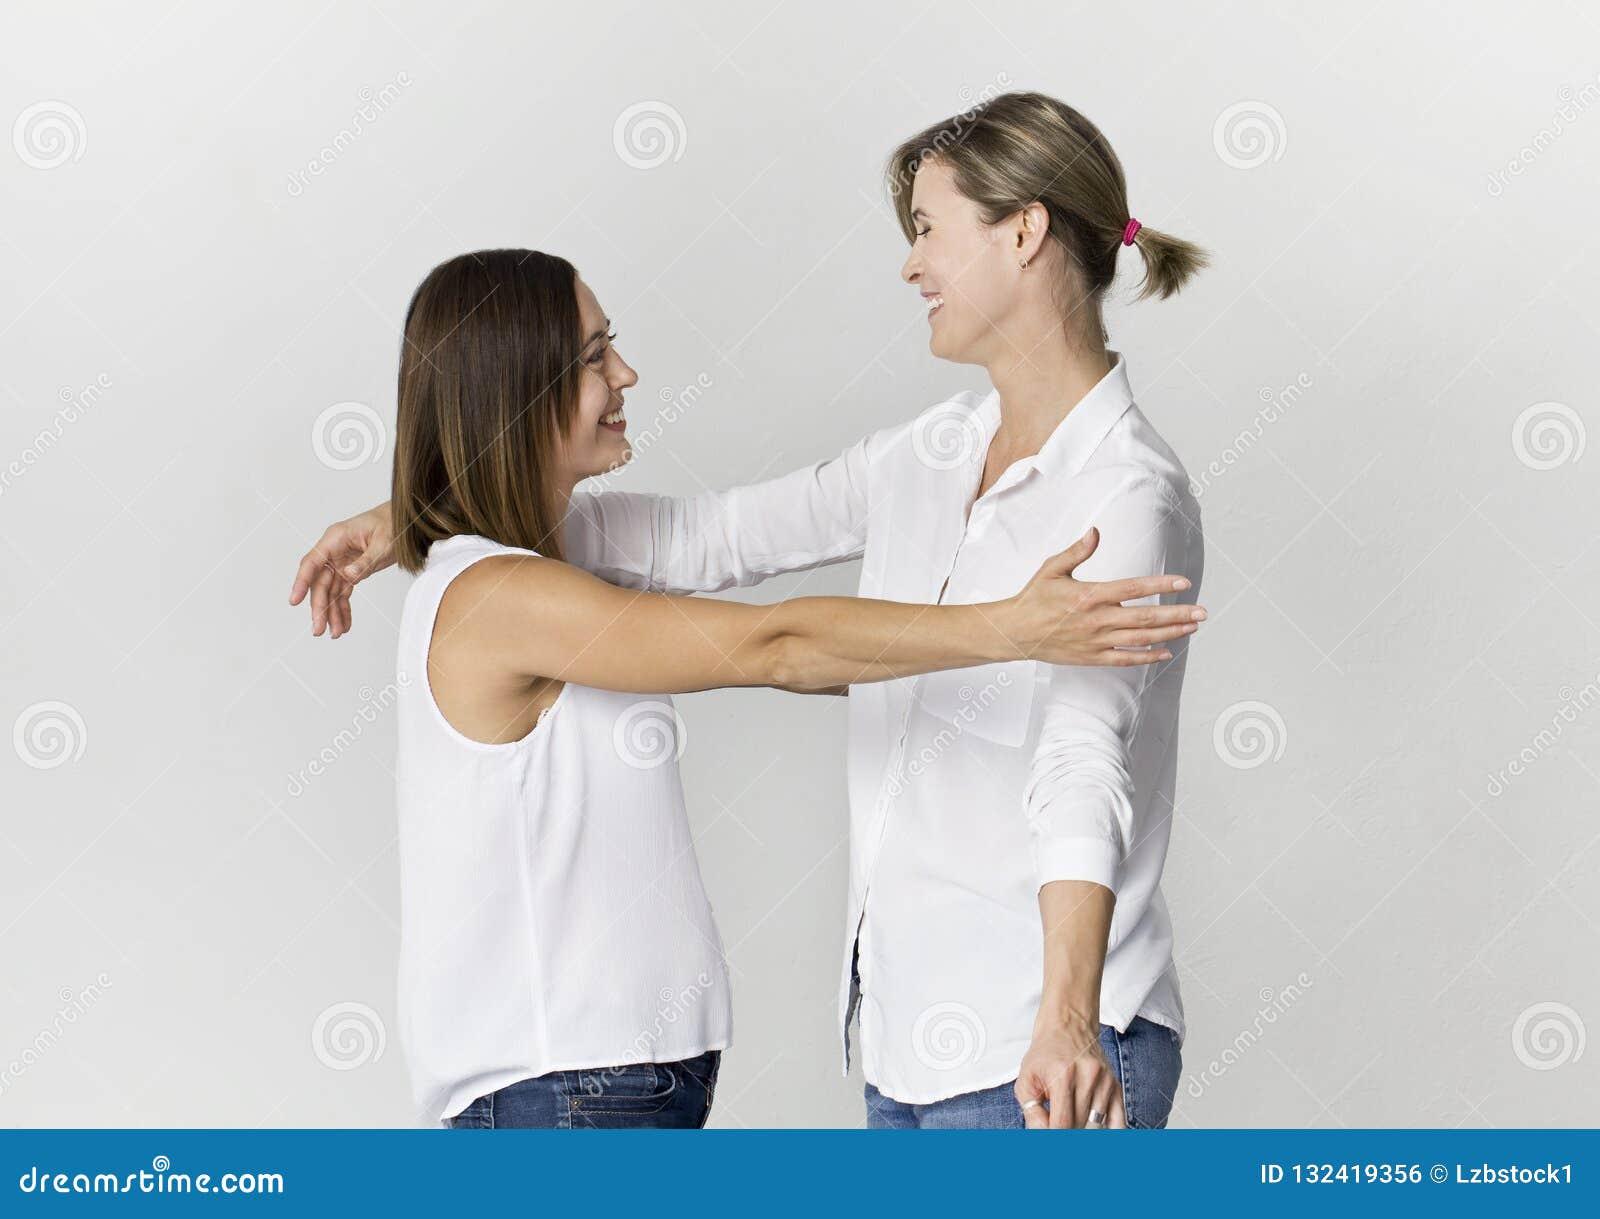 Dwa żeńskiego przyjaciela witają zabawę i mają przy pracownianym backgro